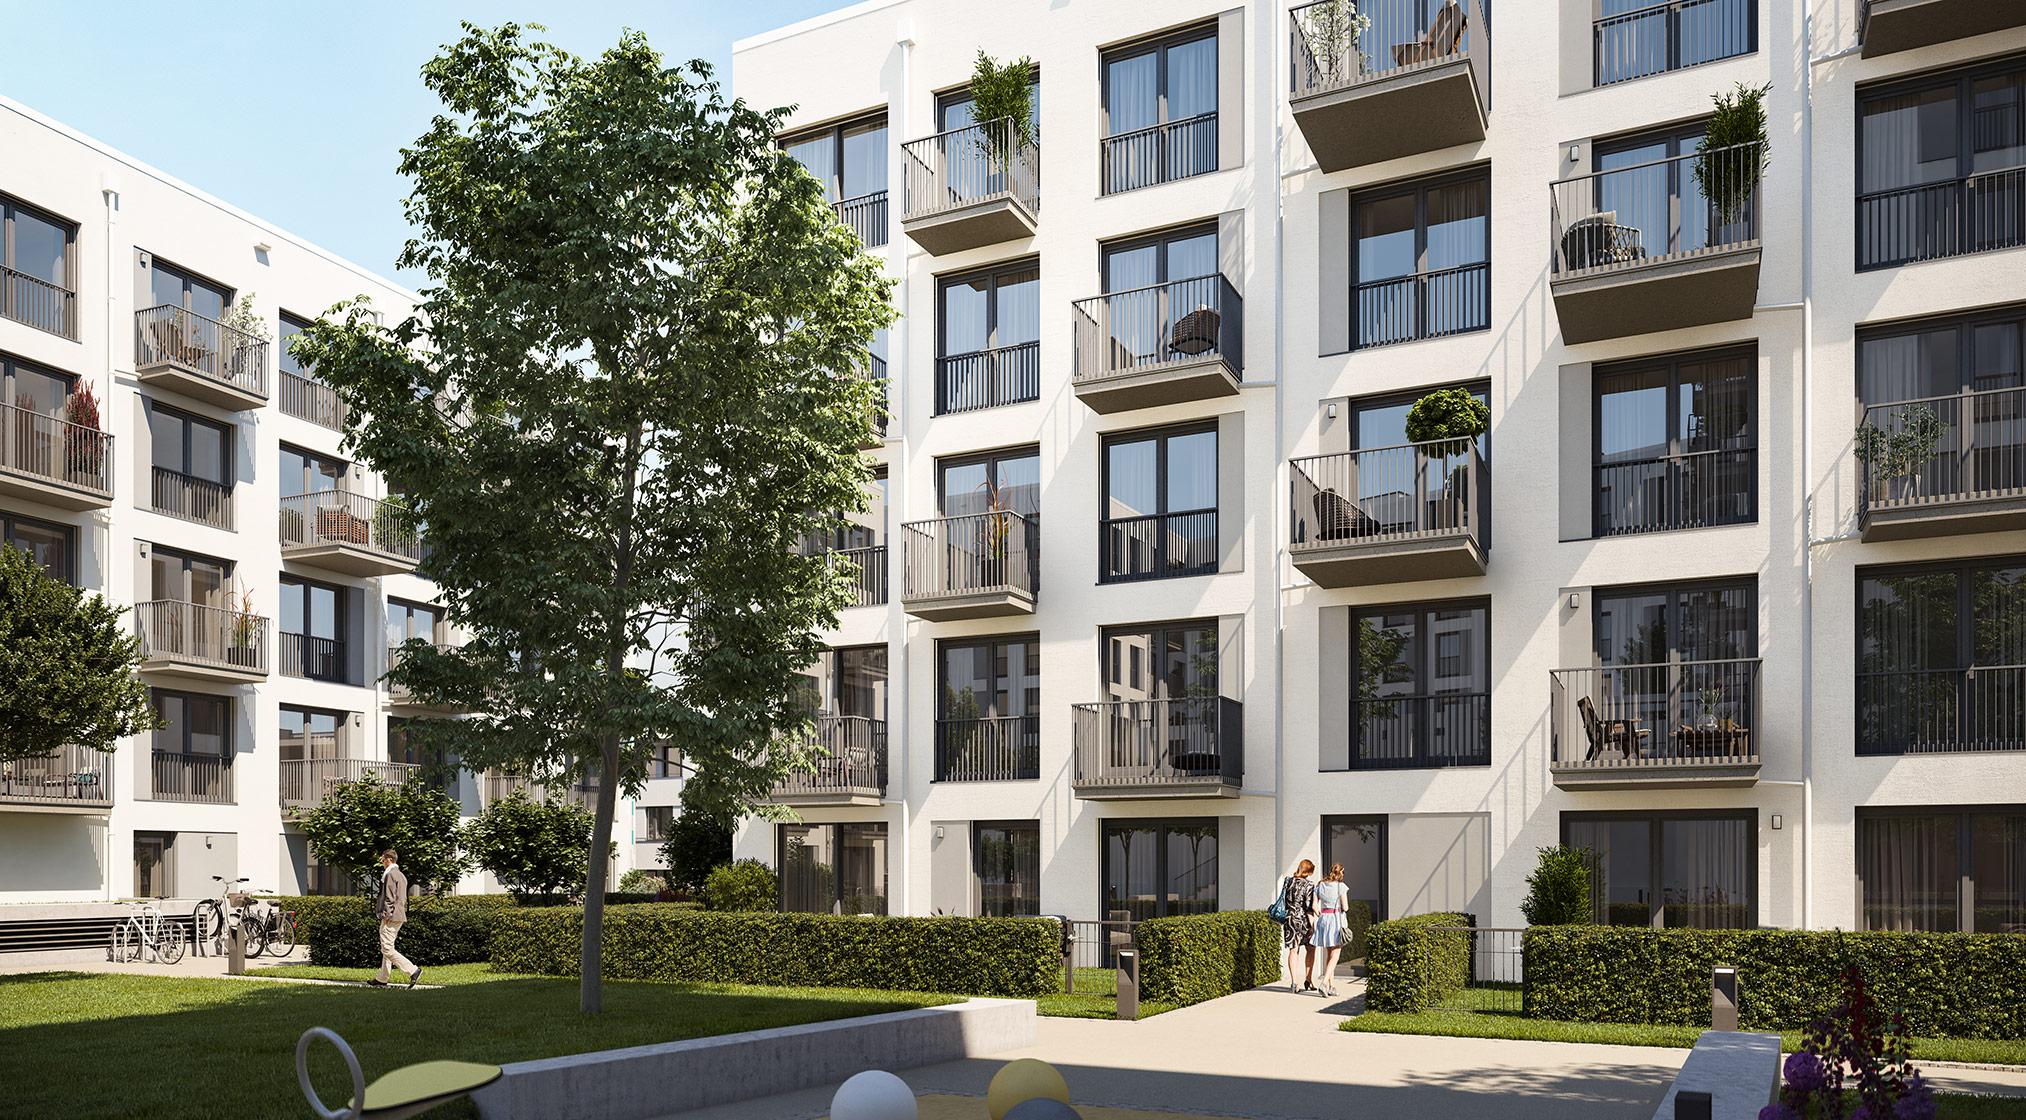 Immobilie Alexisquartier - Wohnen an der Allee - Projektdetails - Illustration 2